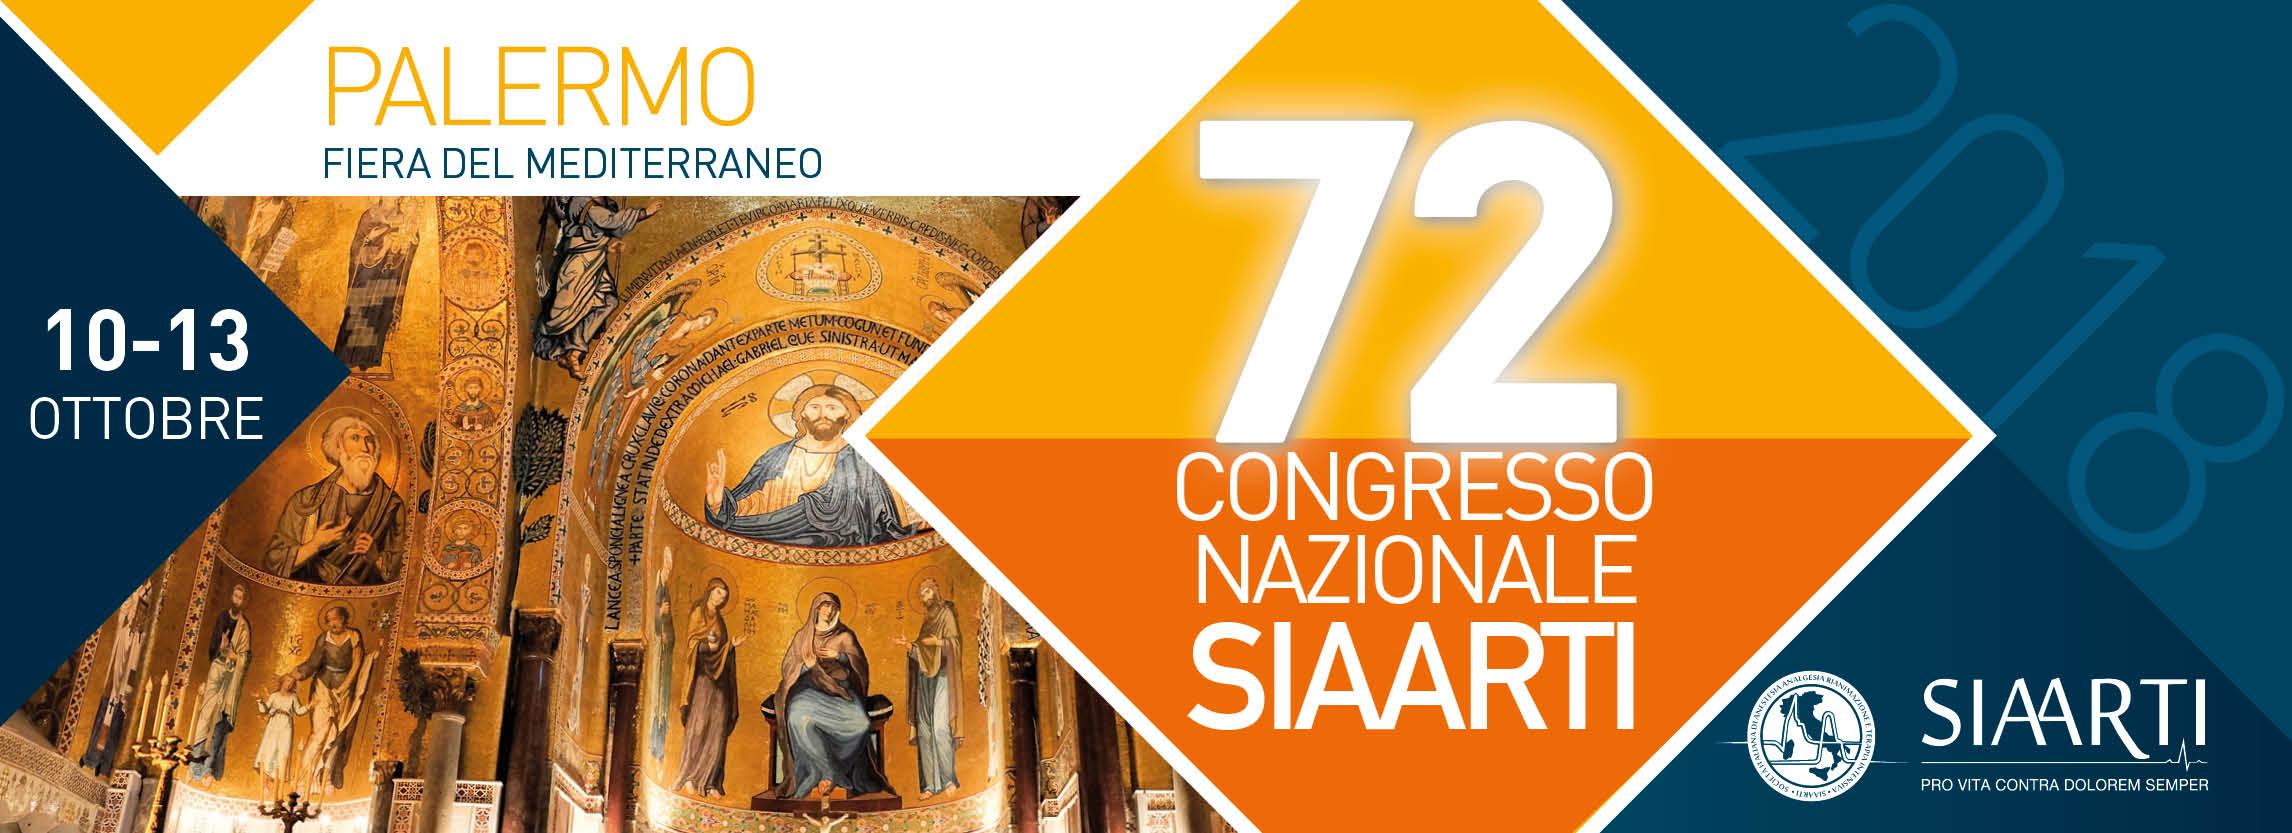 72° CONGRESSO NAZIONALE SIAARTI  10-13 OTTOBRE 2018